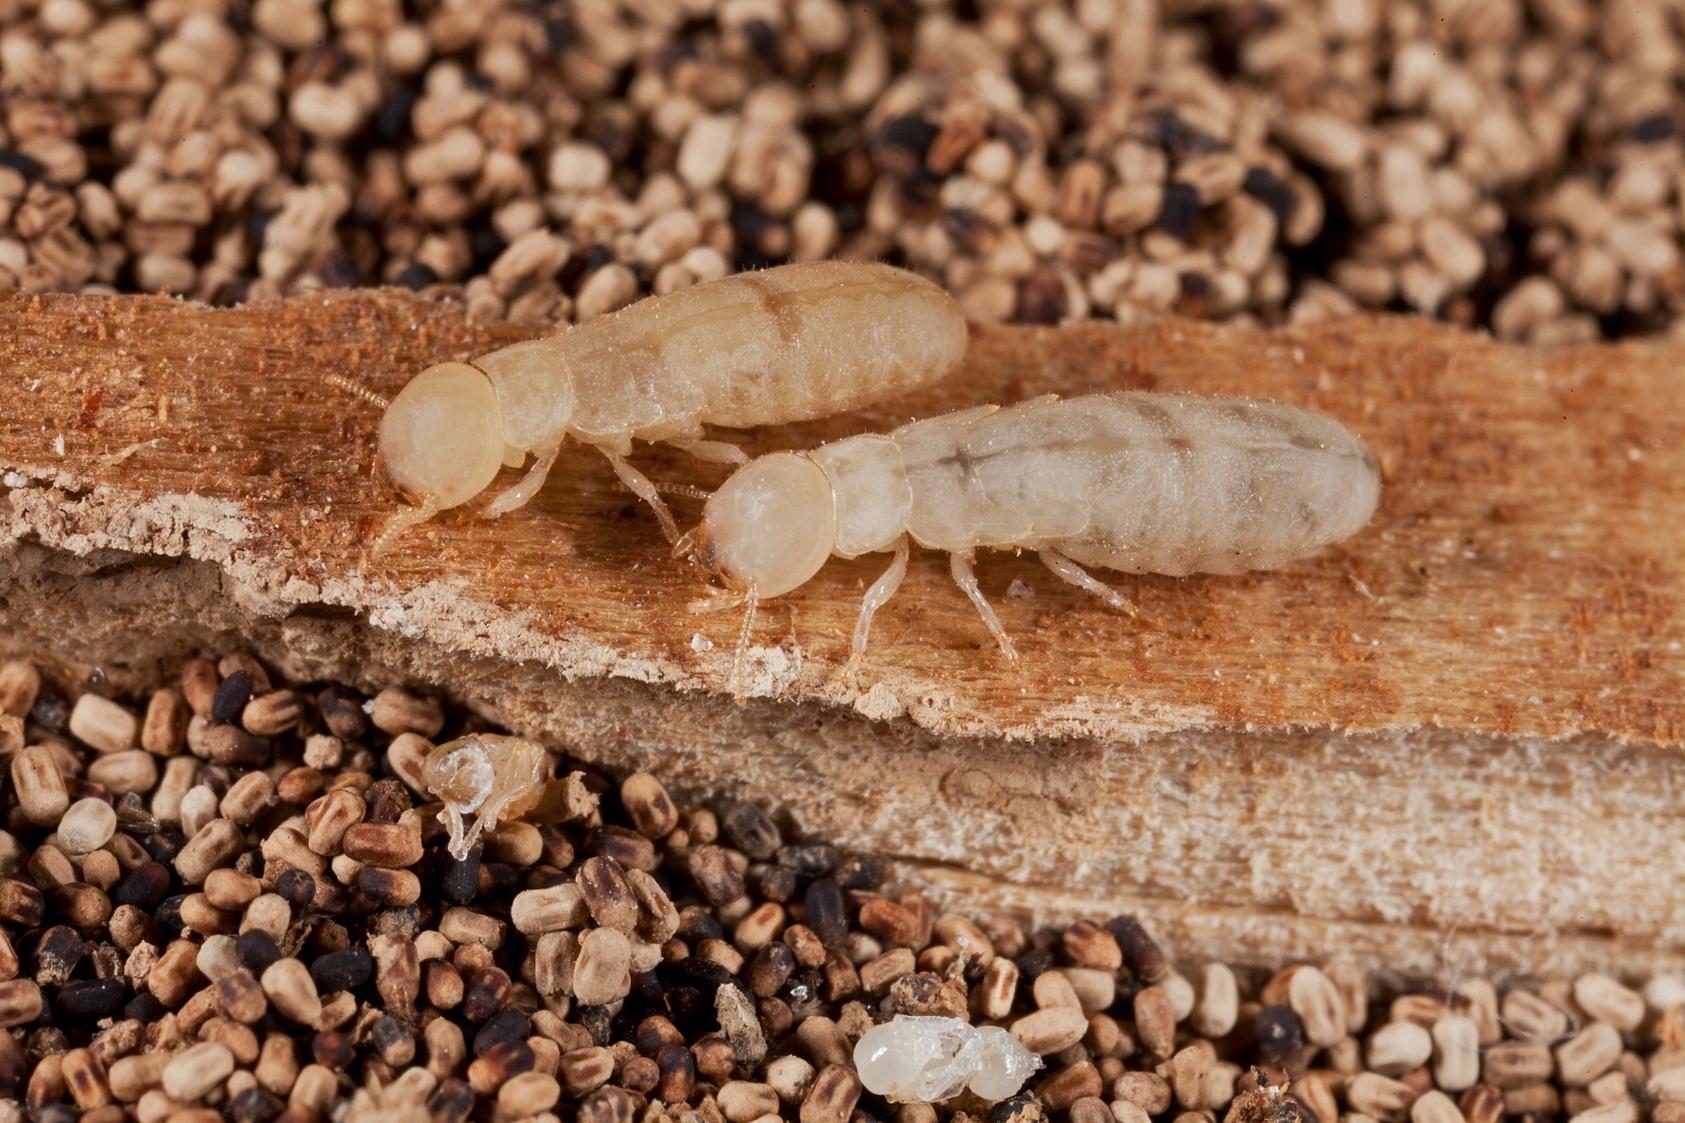 53_Drywood Termites.jpg